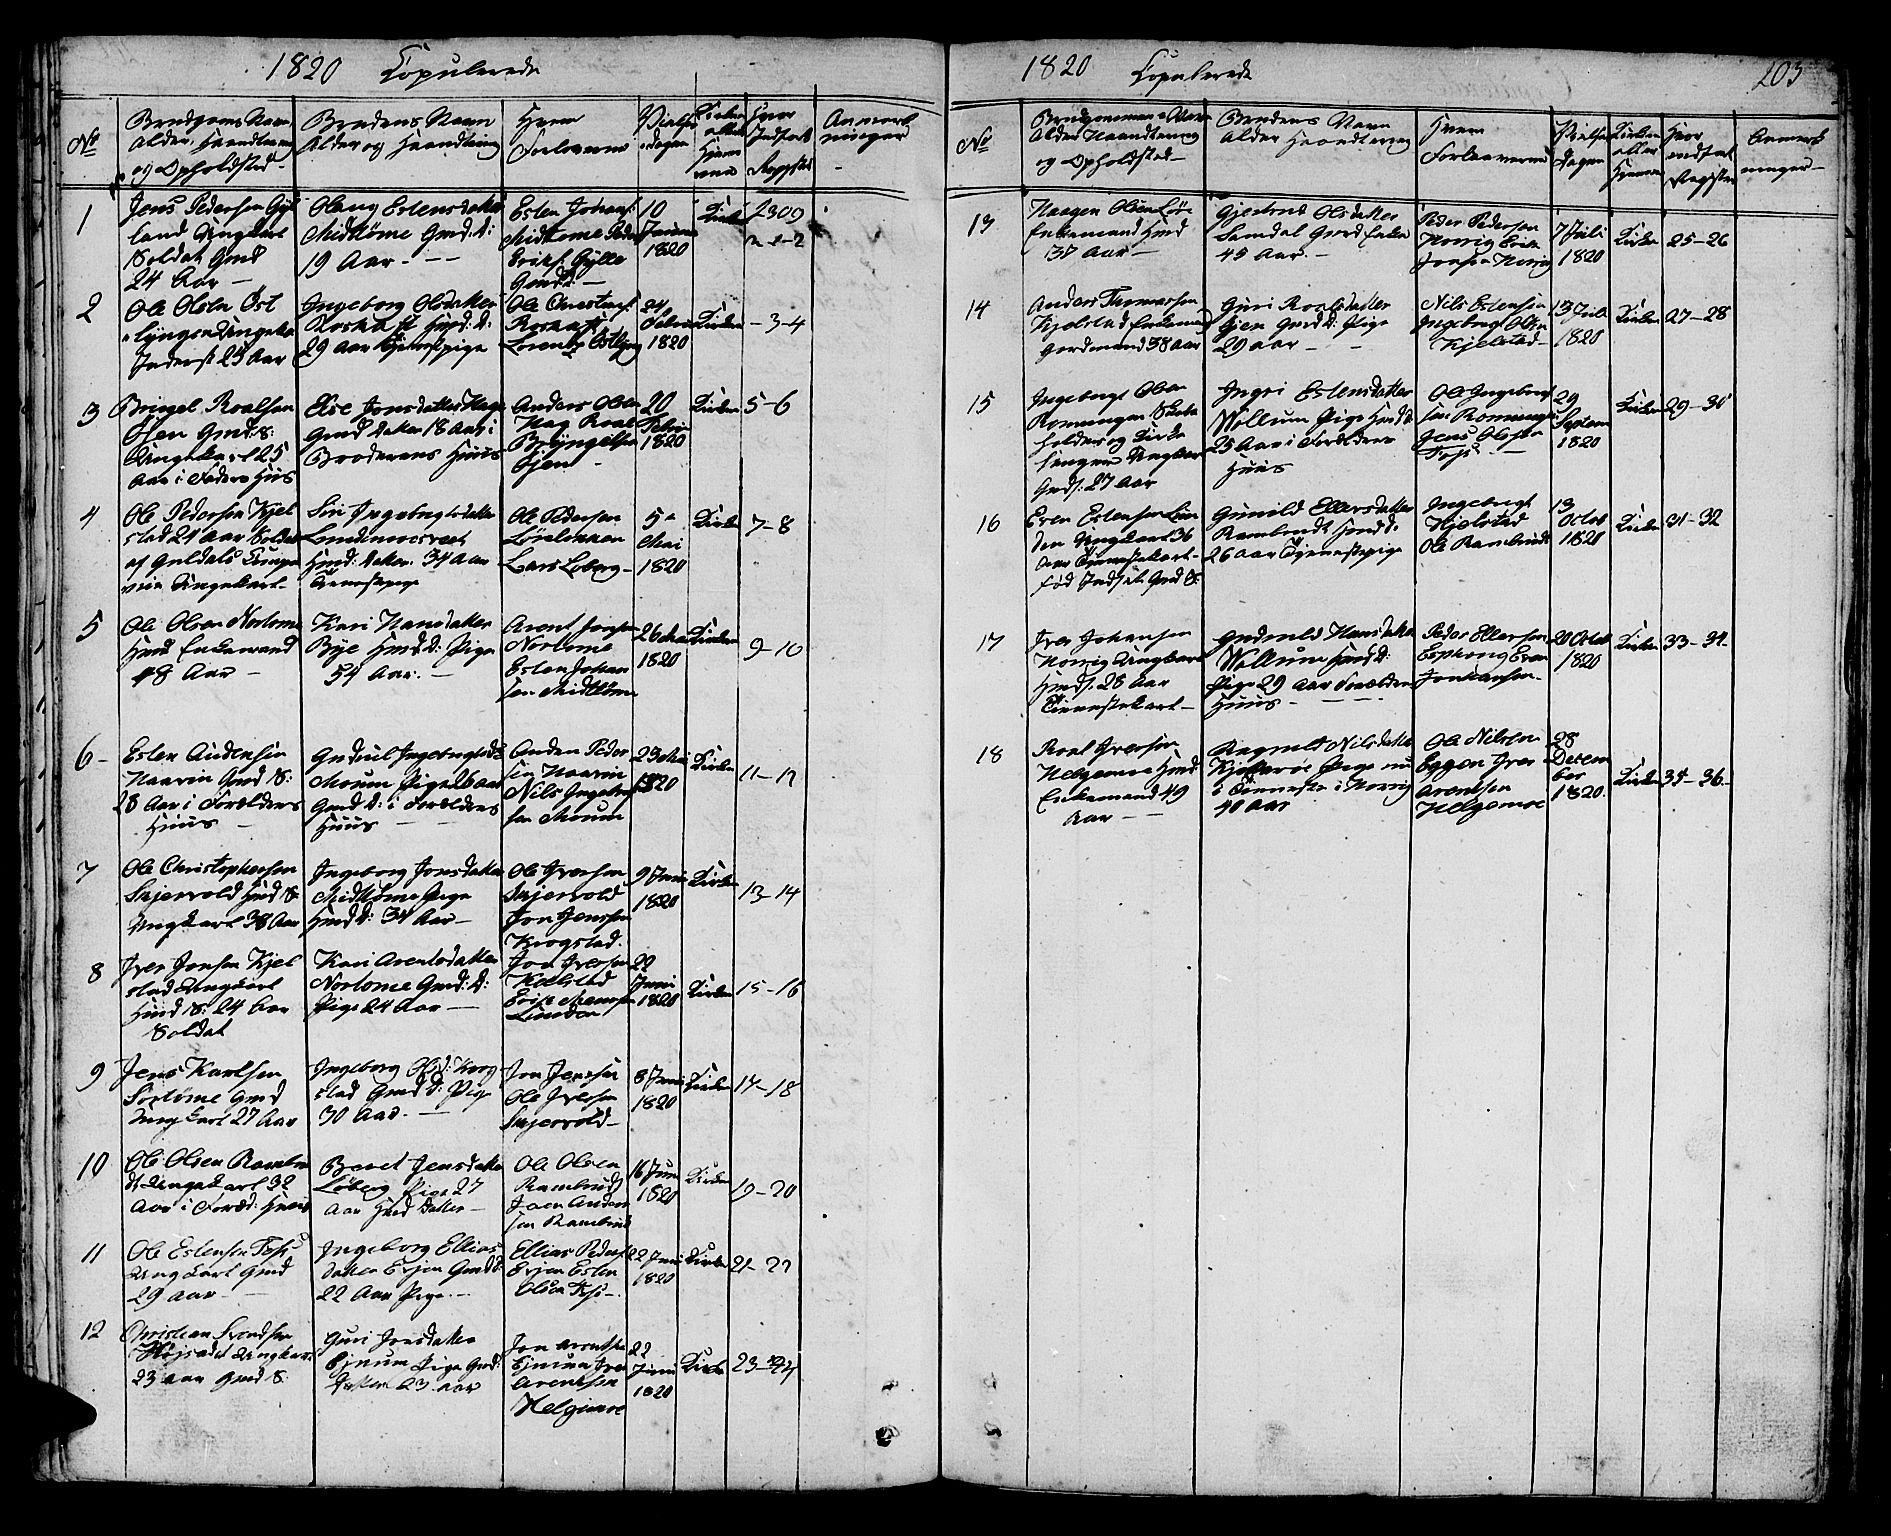 SAT, Ministerialprotokoller, klokkerbøker og fødselsregistre - Sør-Trøndelag, 692/L1108: Klokkerbok nr. 692C03, 1816-1833, s. 203